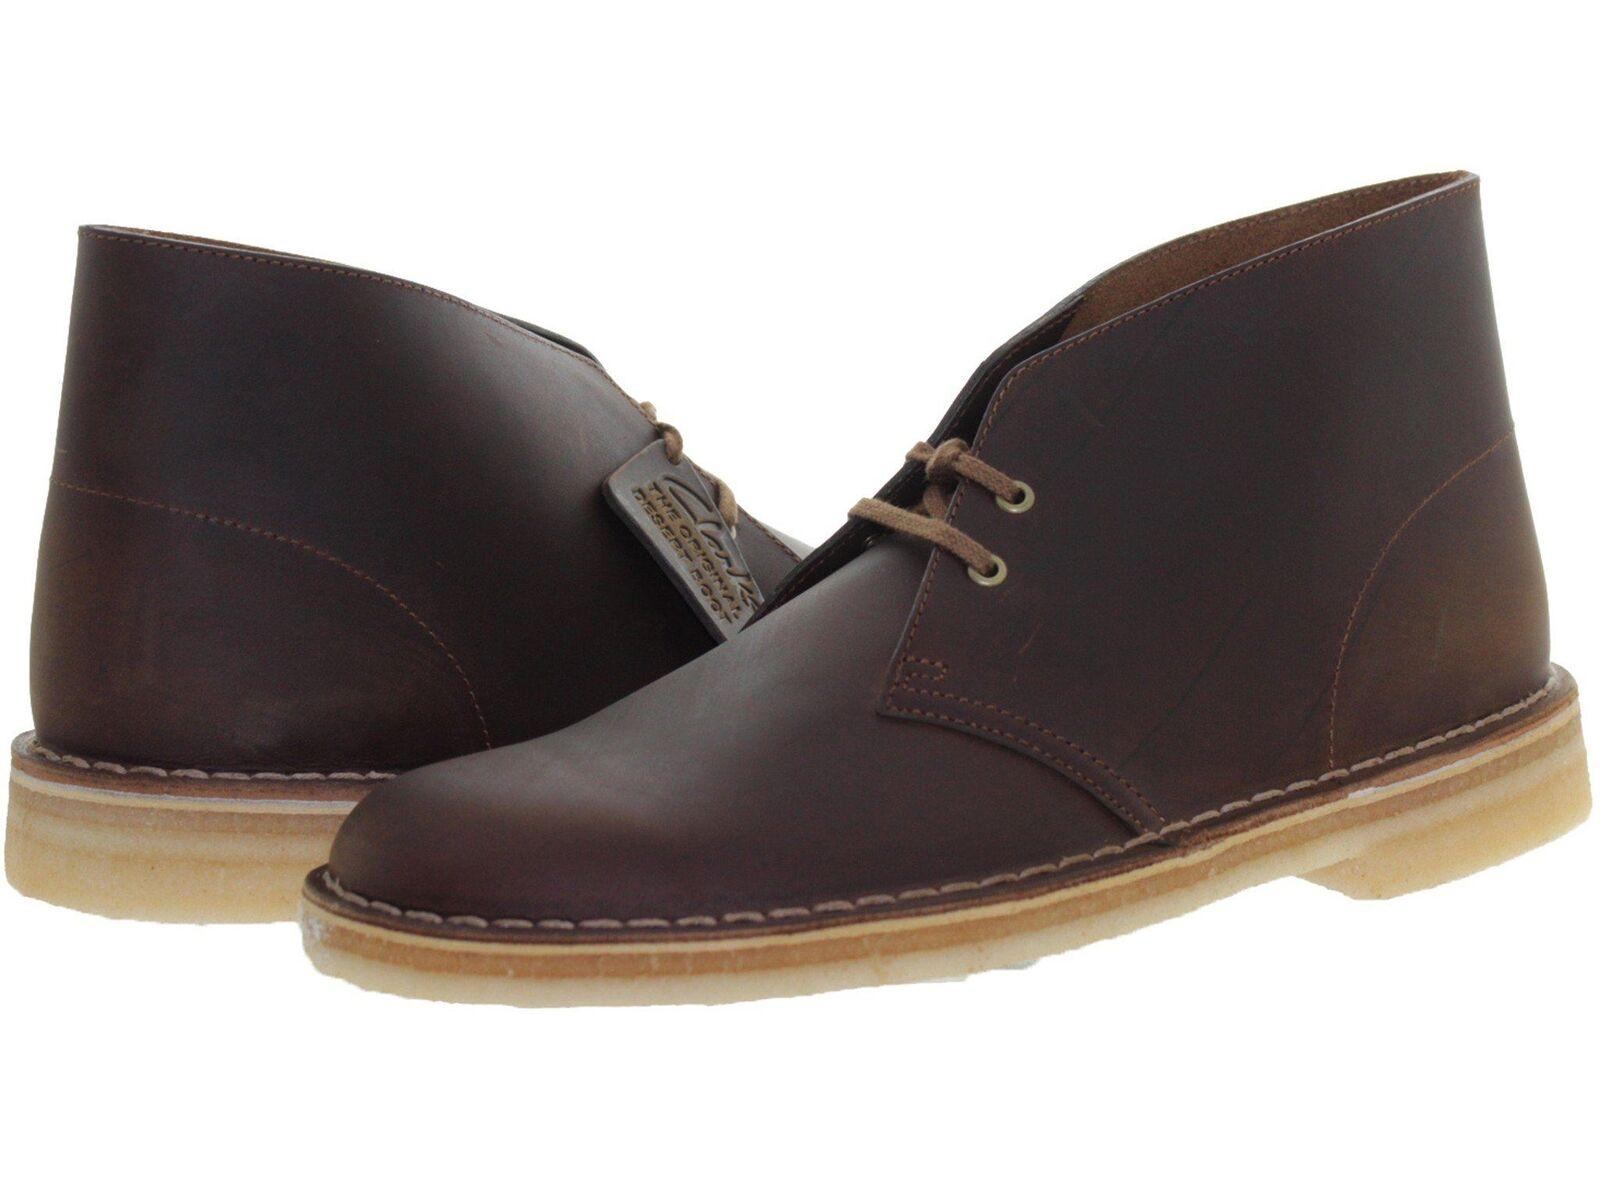 Clarks Para hombre Beeswax (Marrón) 26106562 del Desierto botas Formales informales